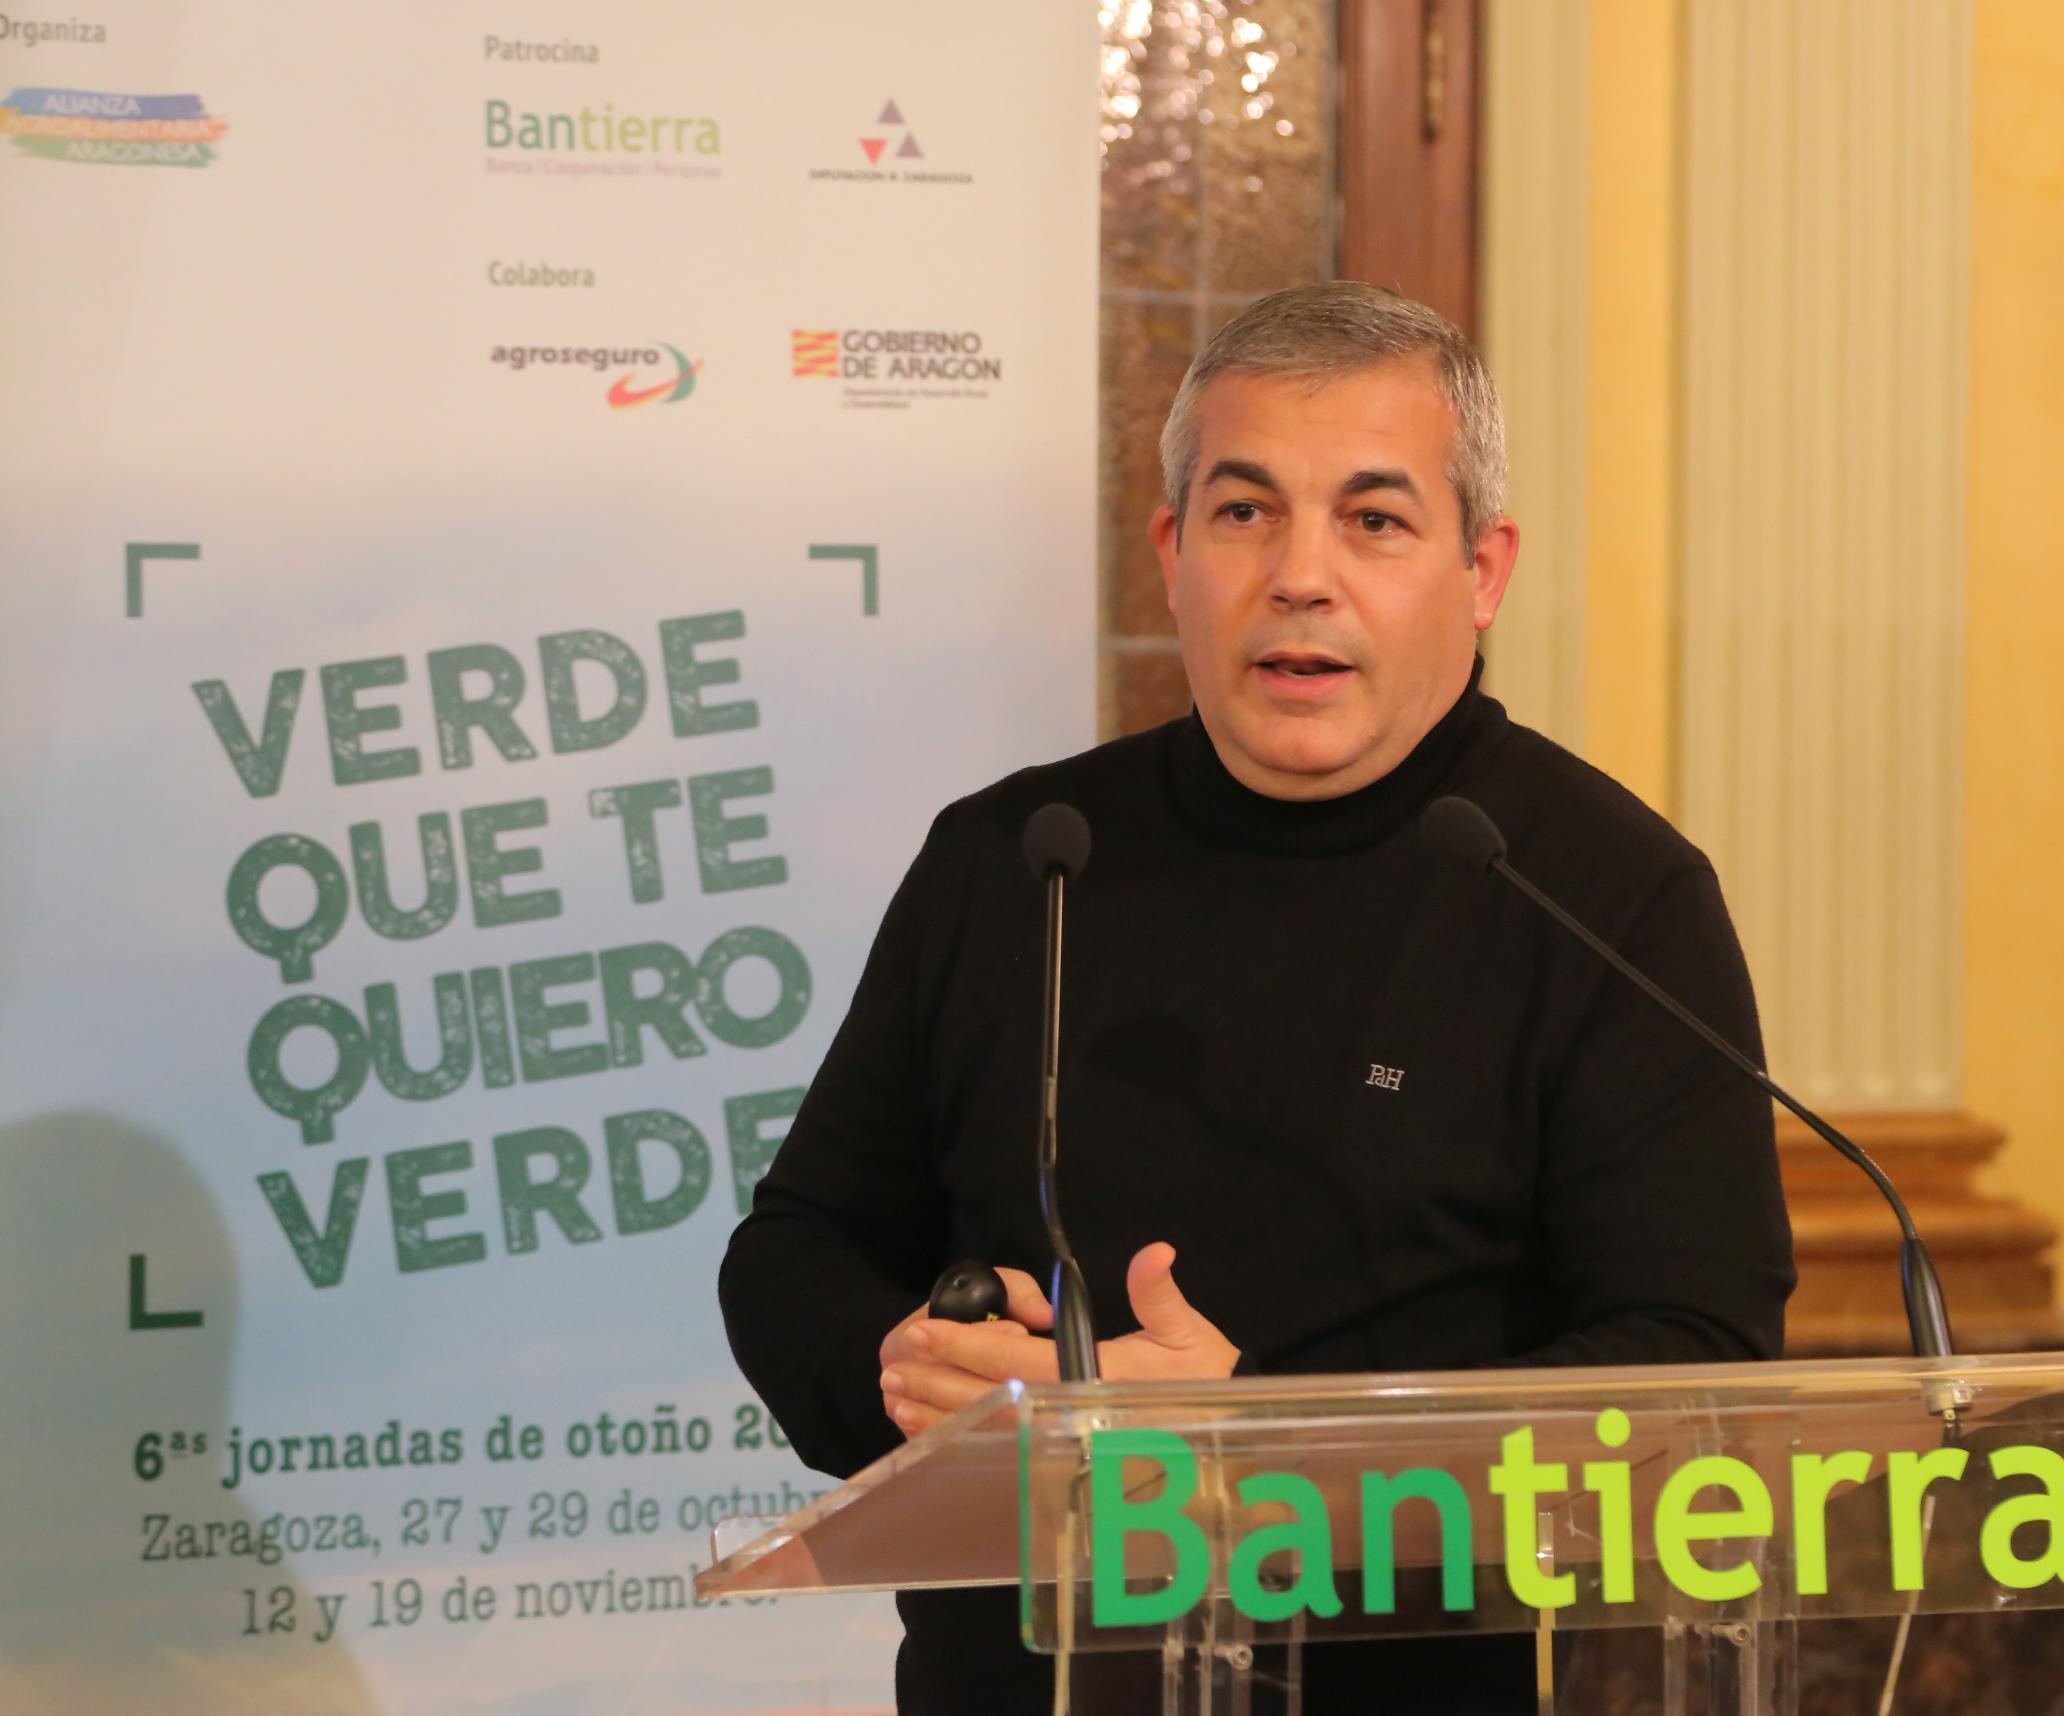 Agustín Ariño